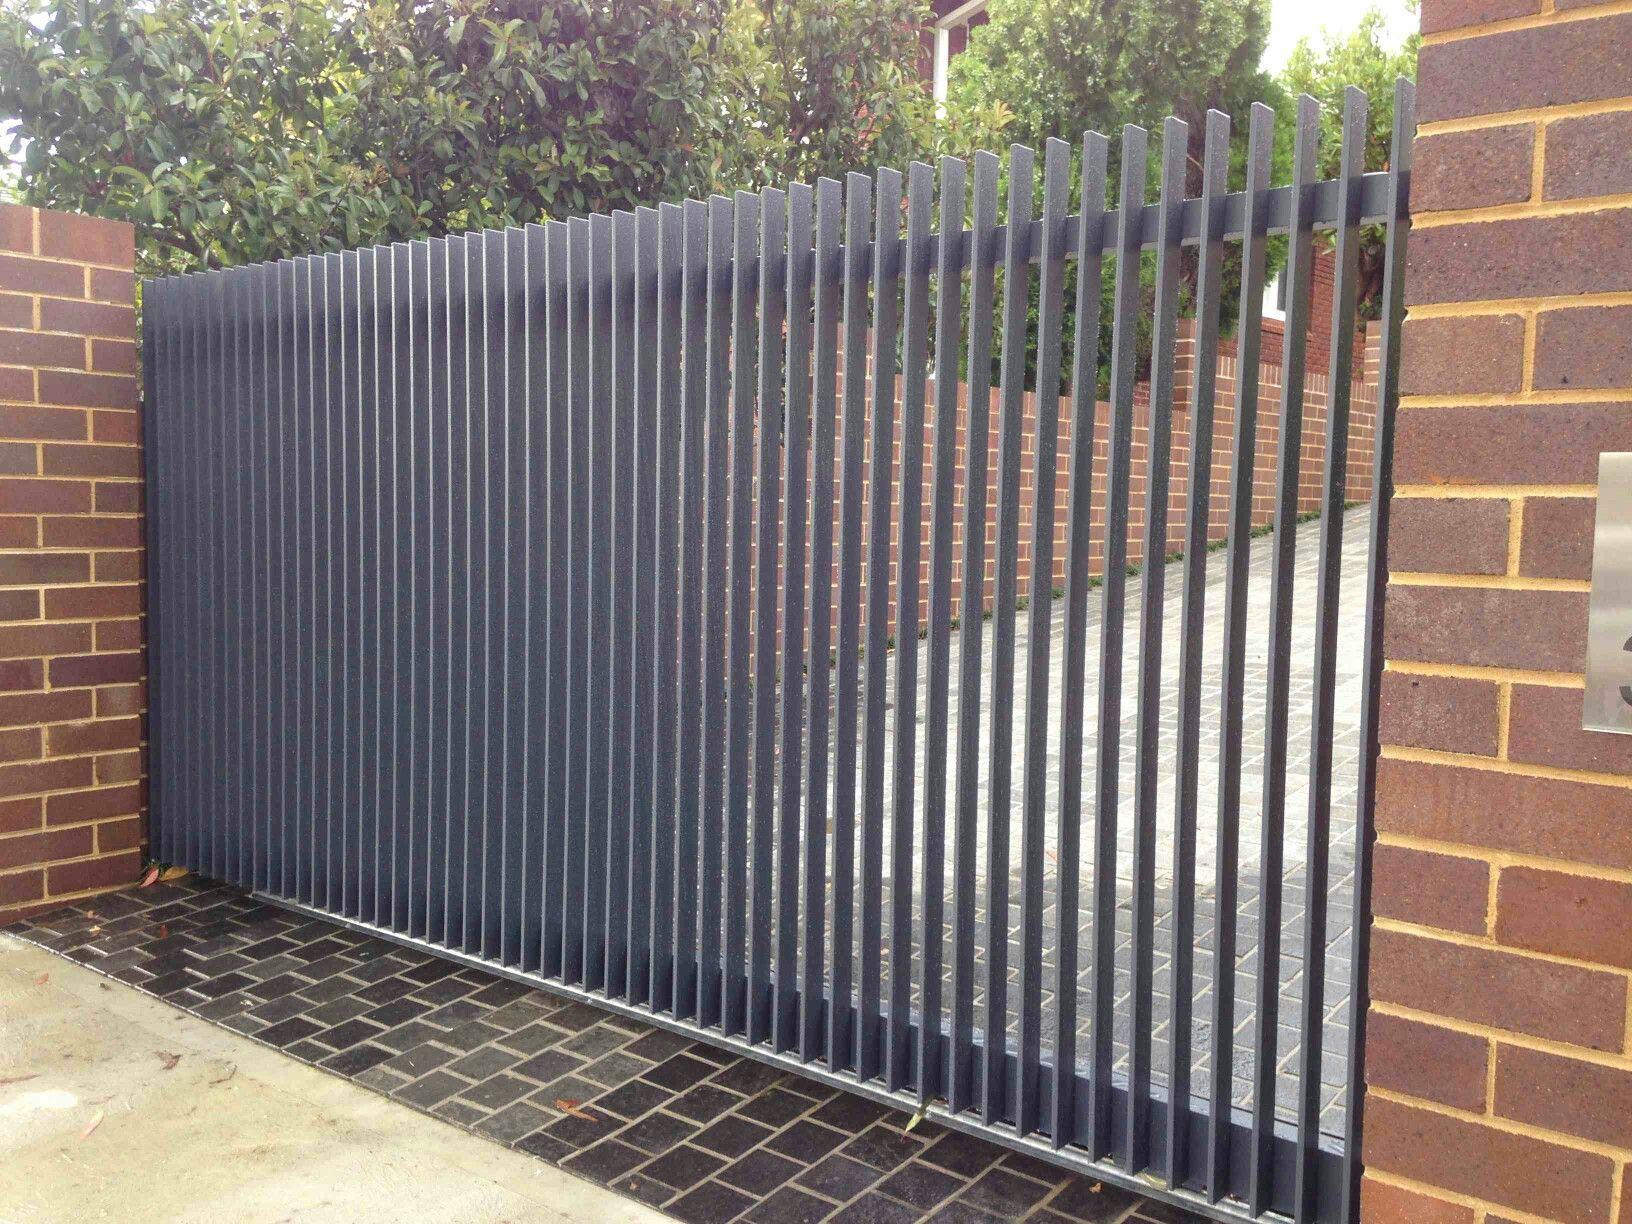 Rostul De La Cărămizi Sa Fie Gri Fences Metal Fence